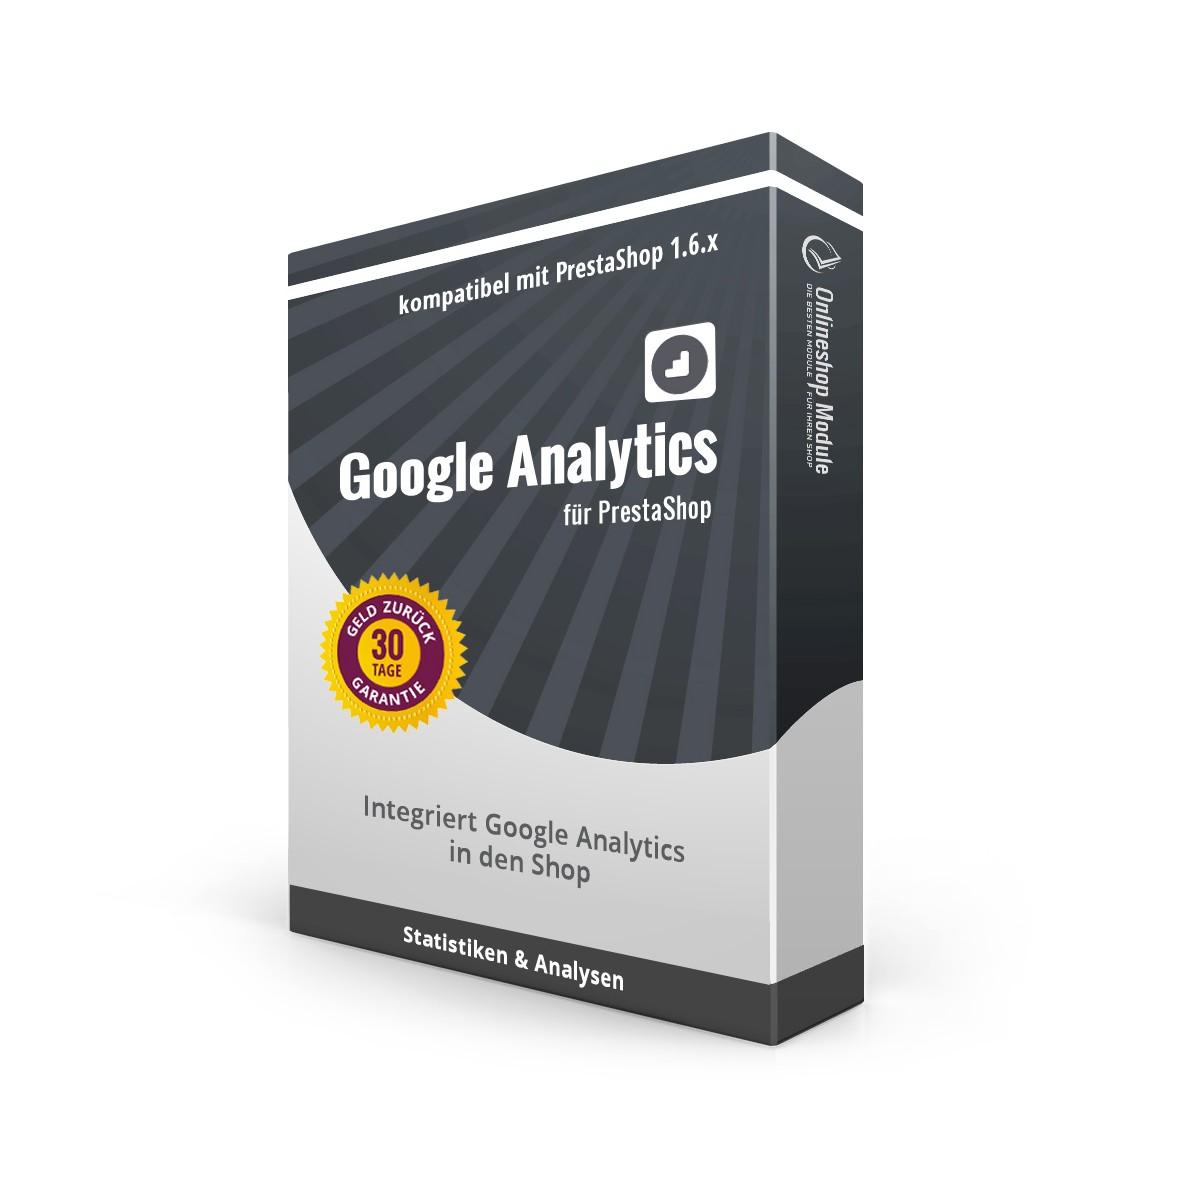 Google Analytics für PrestaShop 1.6